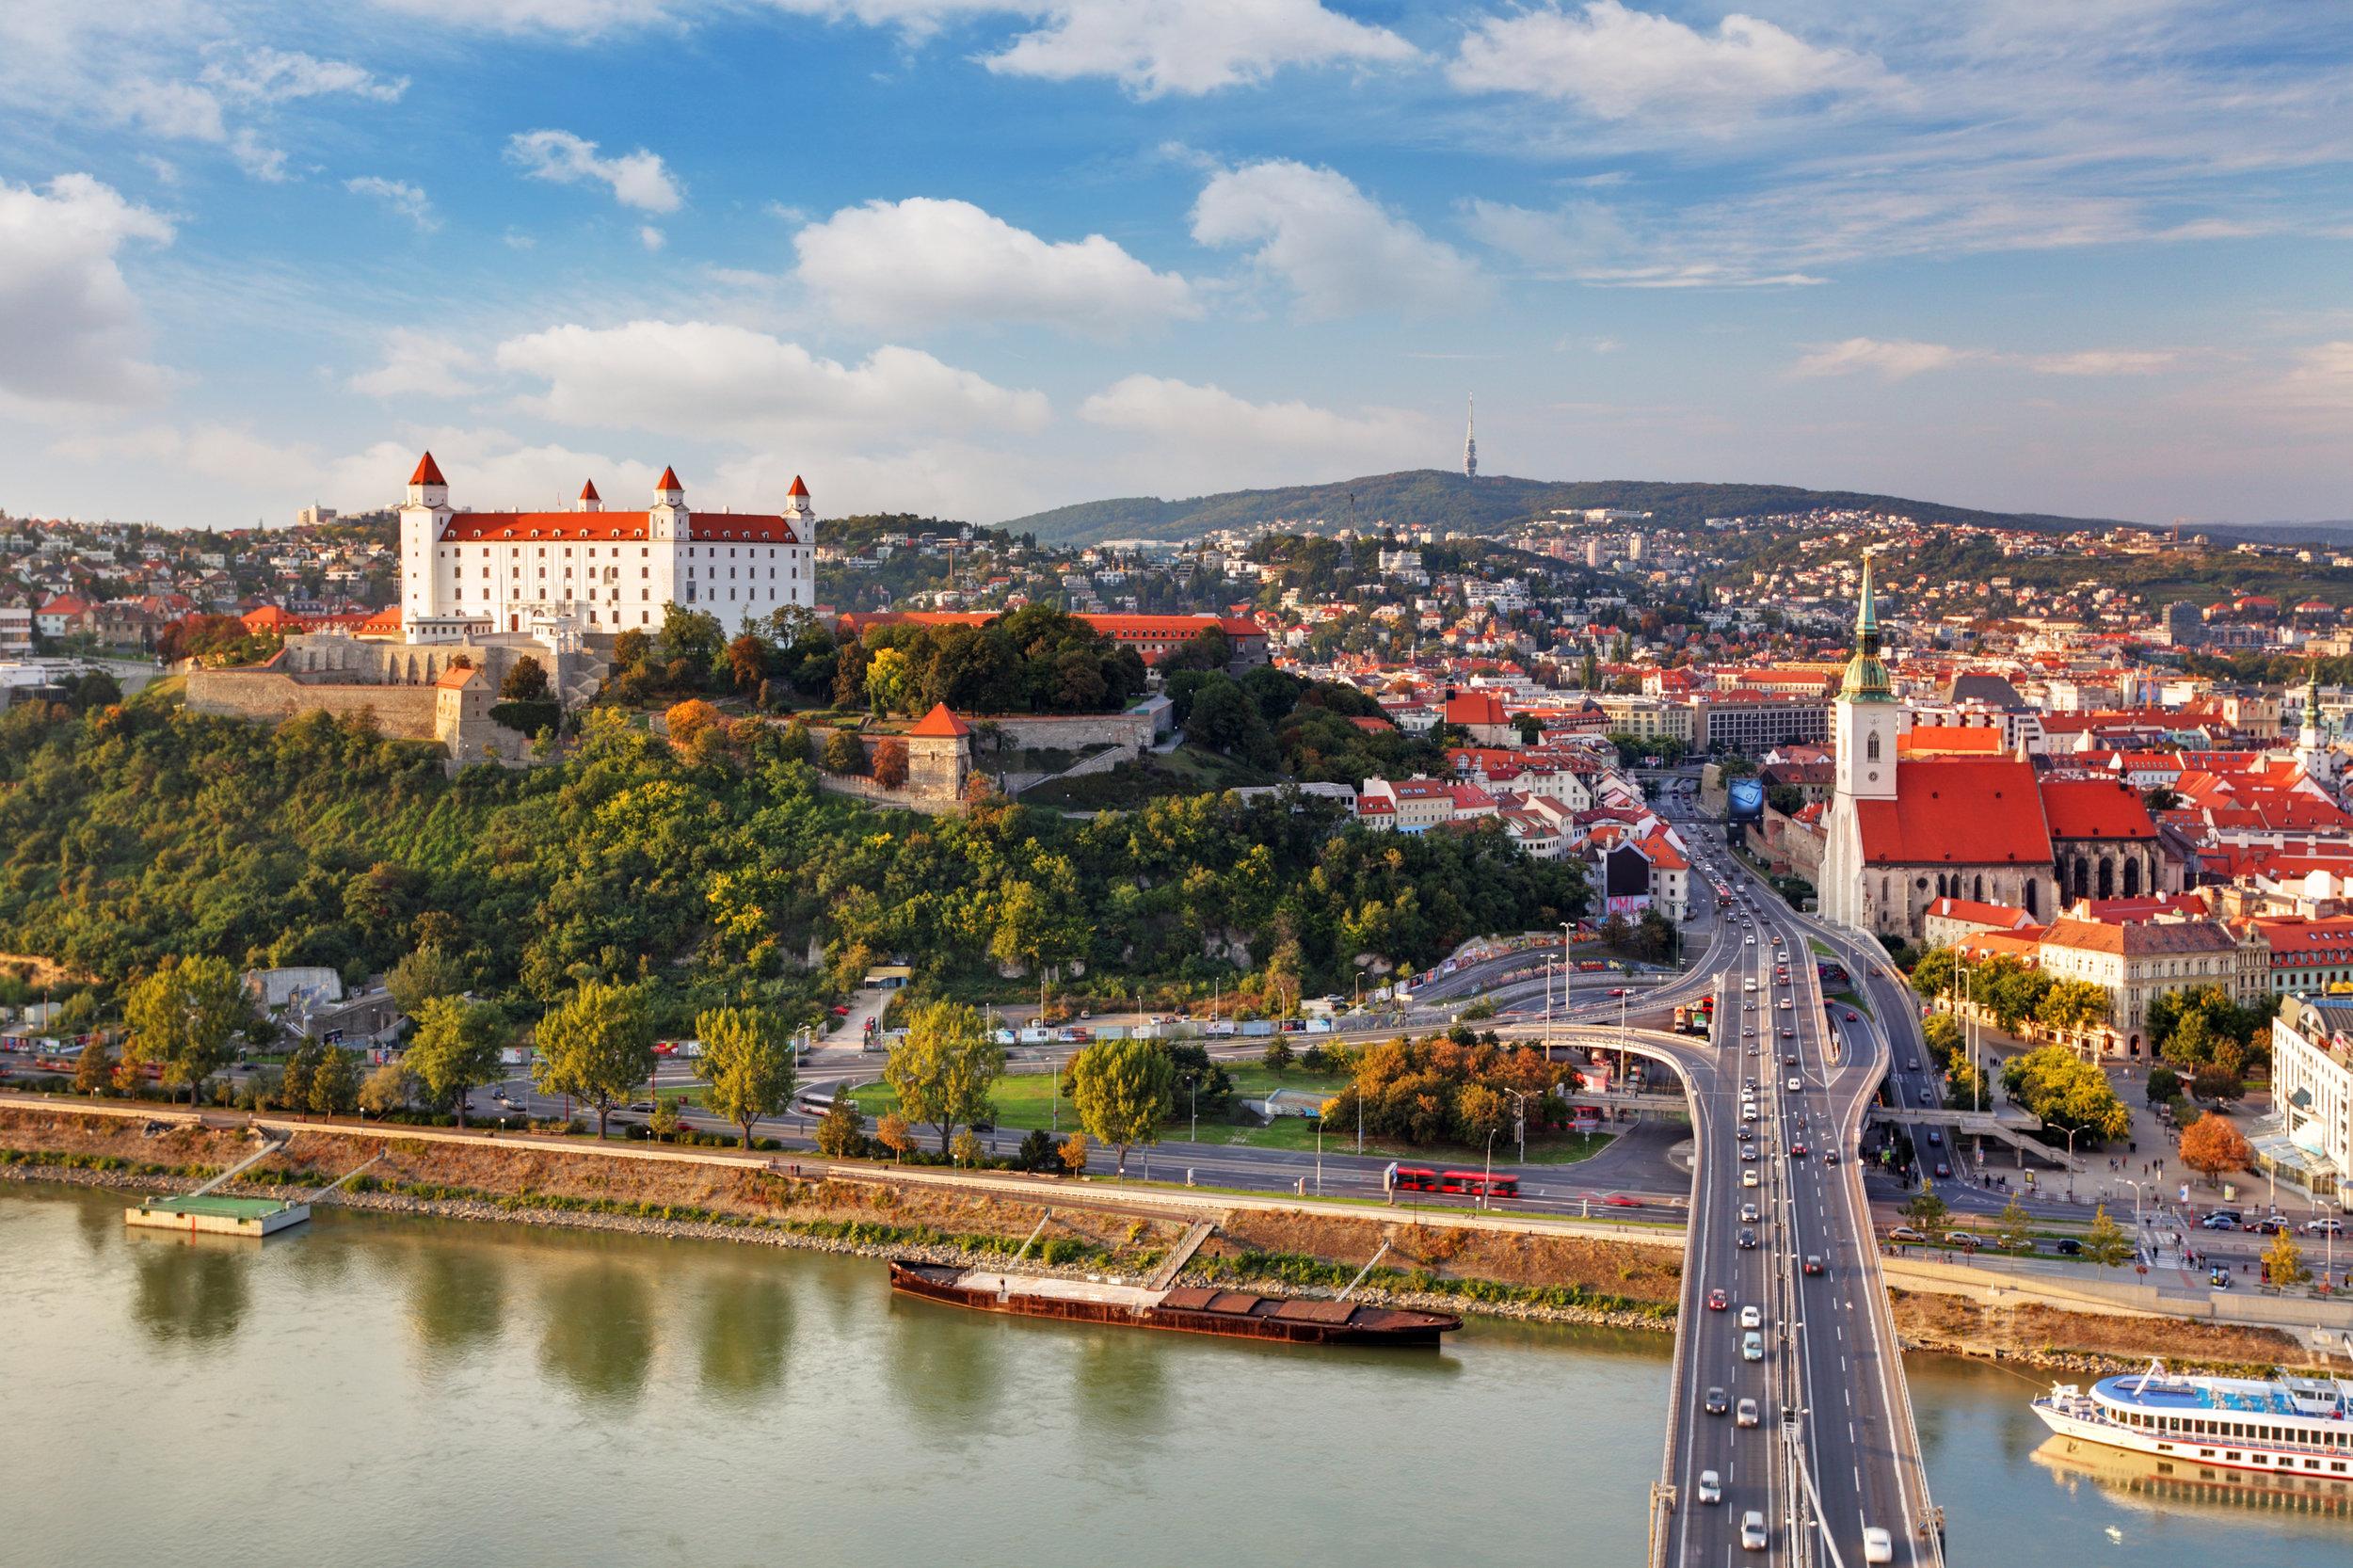 bratislava_43914430_LARGE.jpg